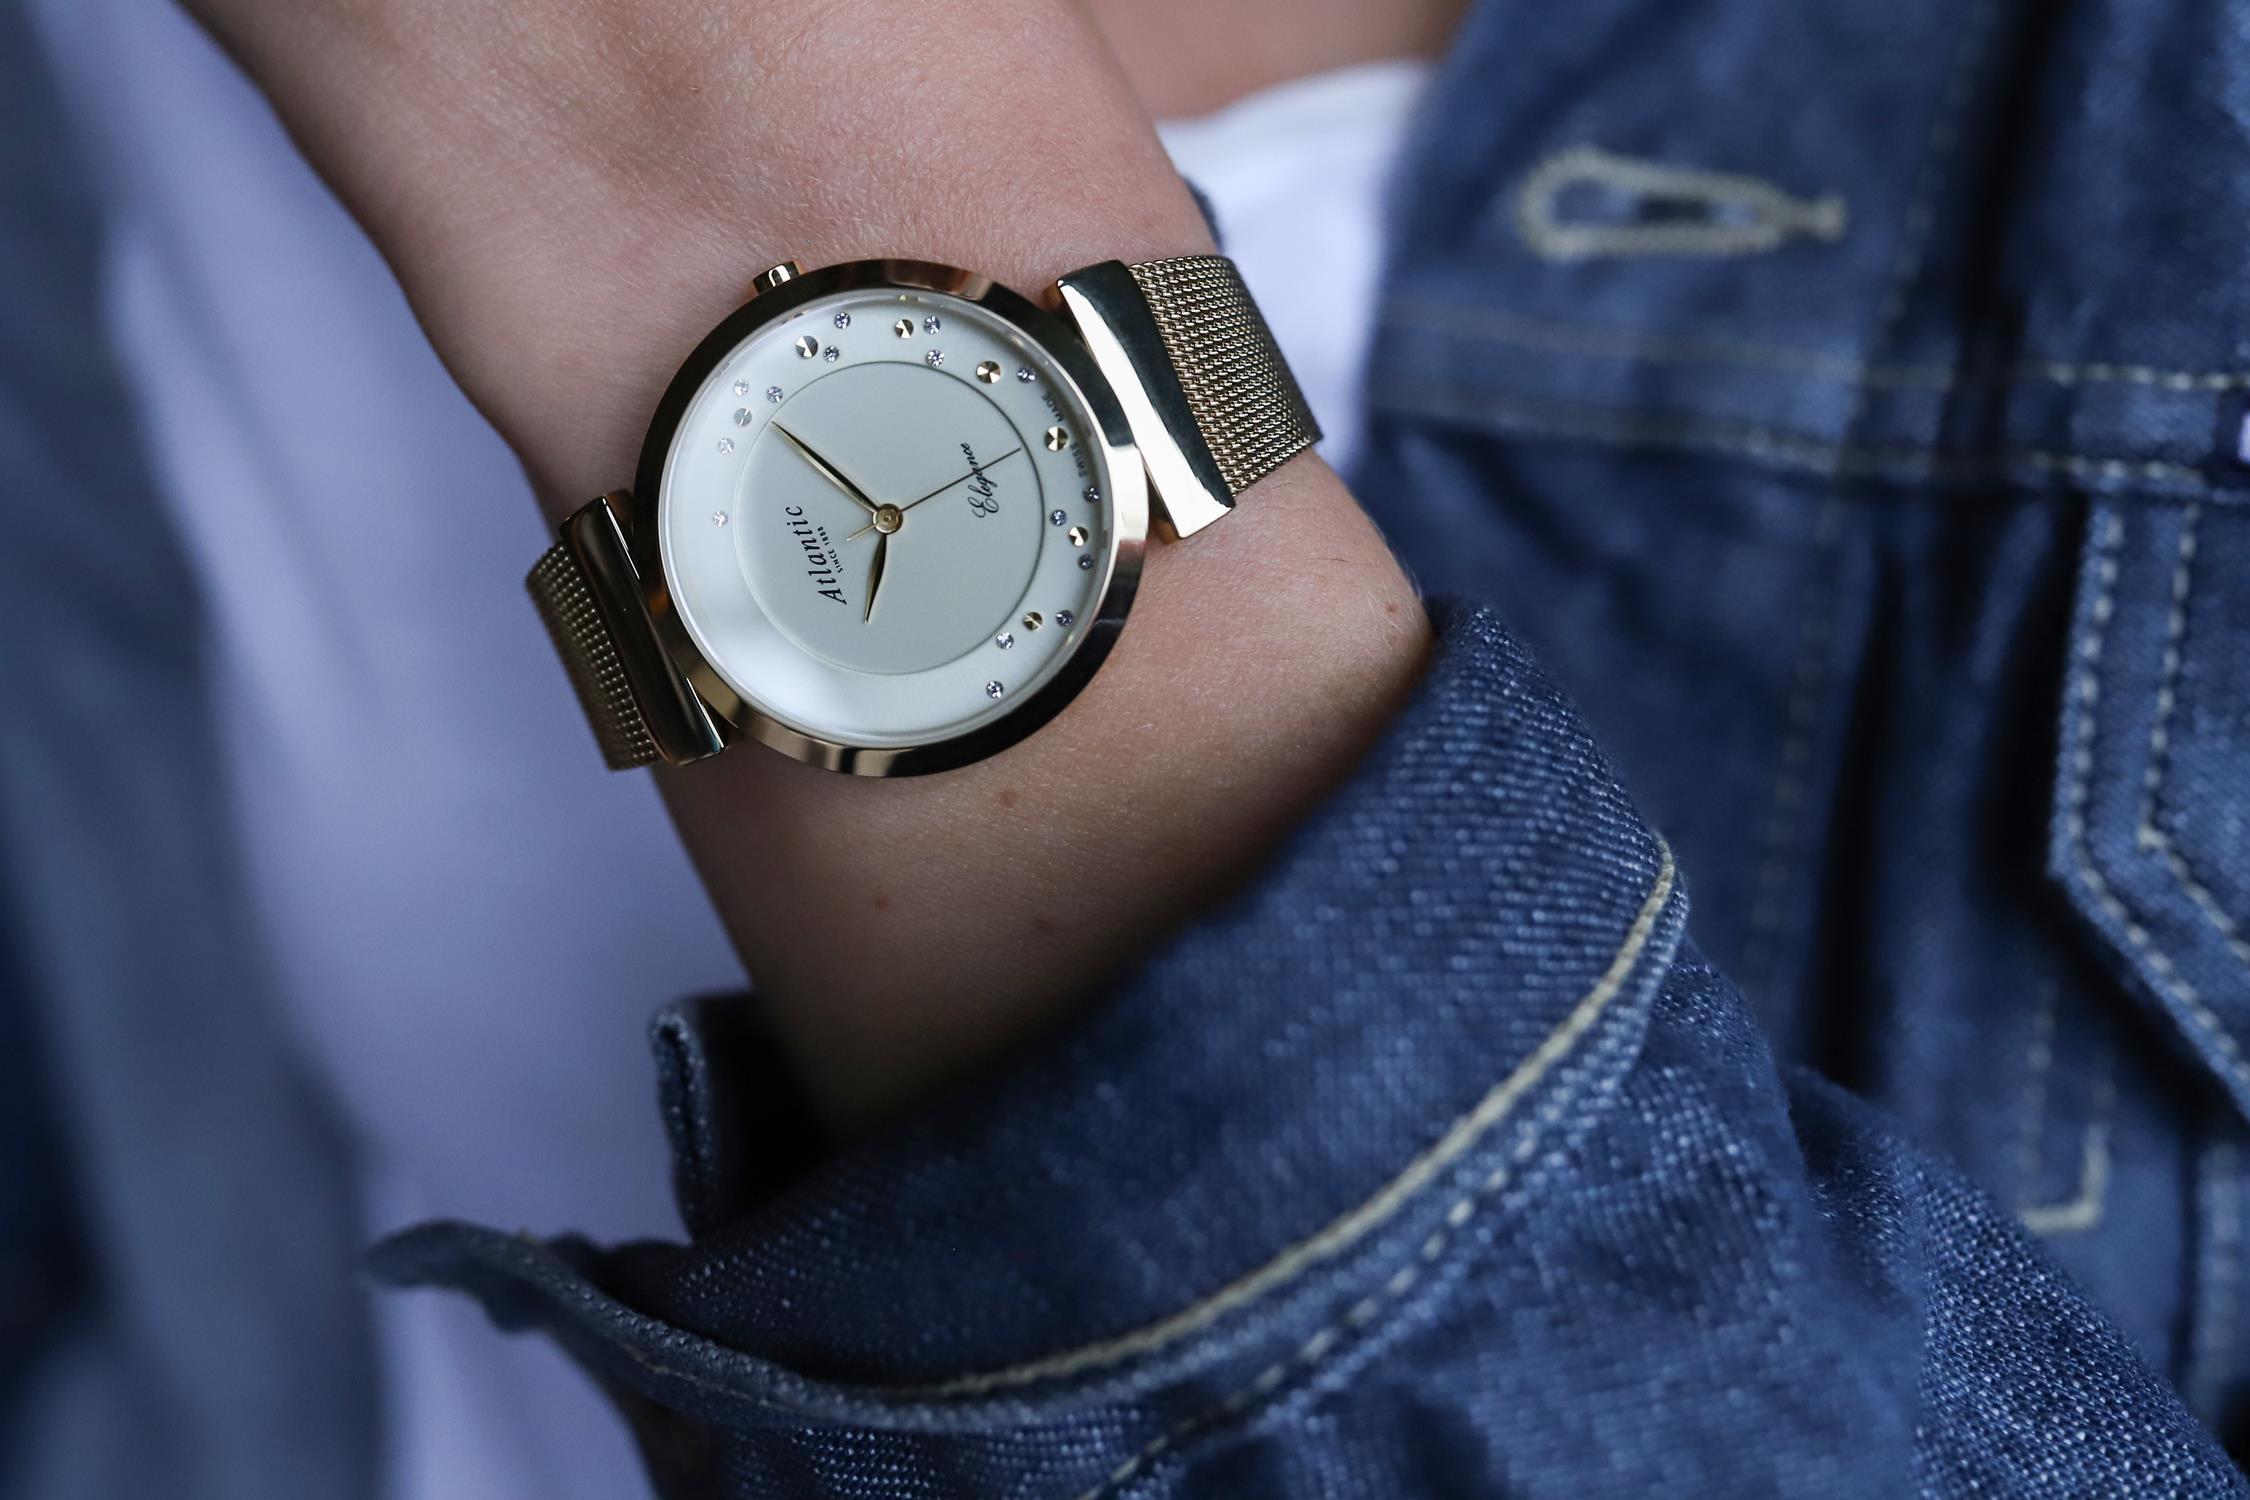 Zegarek damski Atlantic elegance 29039.45.39MB - duże 2